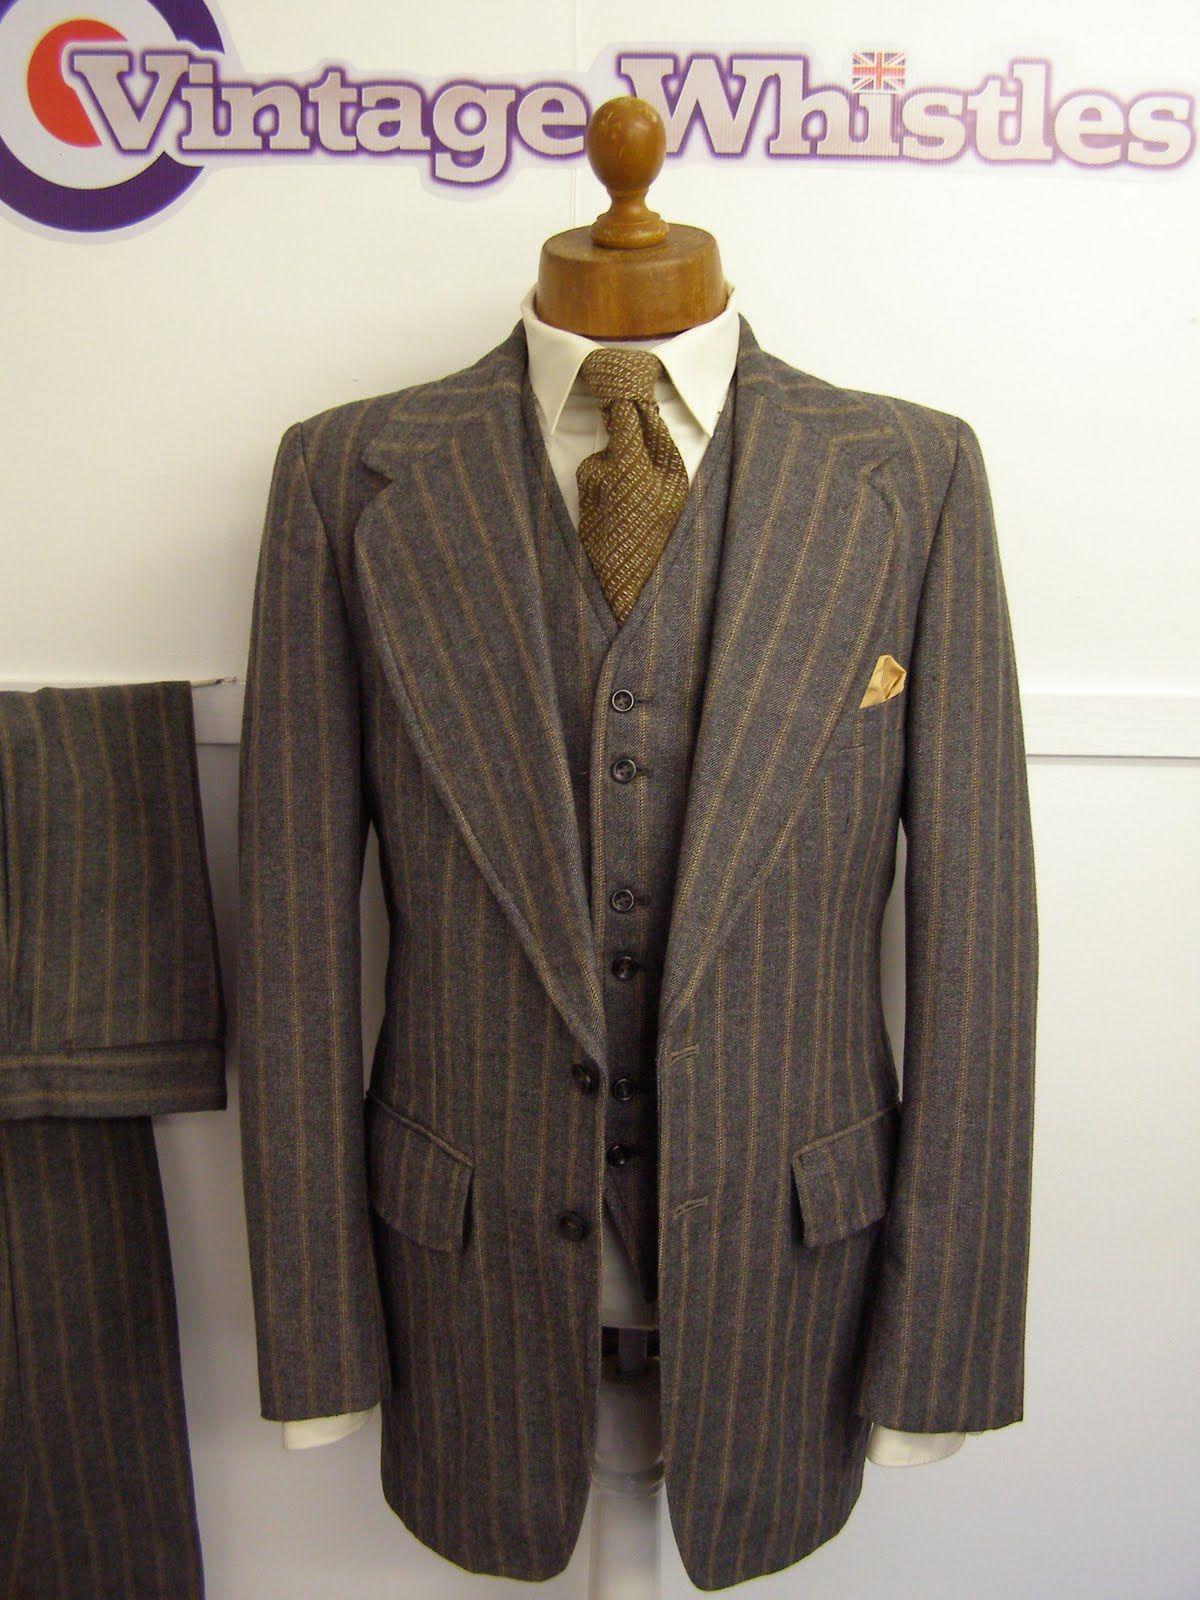 Vintage Whistles Suit | weddin | Pinterest | Divertente, Vintage e ...